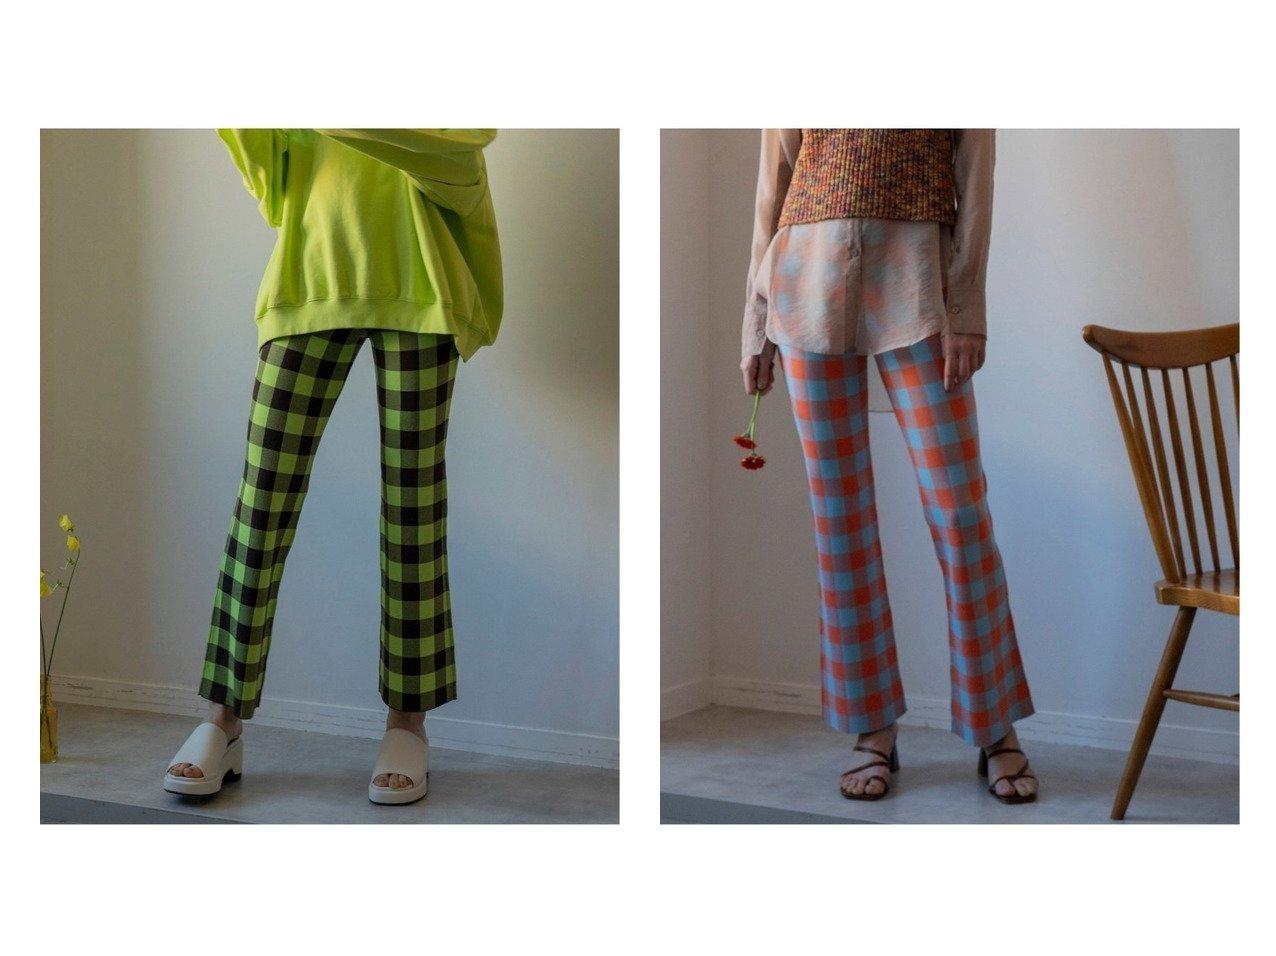 【MAISON SPECIAL/メゾンスペシャル】のブロックチェックニットパンツ【メゾンスペシャル】 【パンツ】おすすめ!人気、トレンド・レディースファッションの通販 おすすめで人気の流行・トレンド、ファッションの通販商品 メンズファッション・キッズファッション・インテリア・家具・レディースファッション・服の通販 founy(ファニー) https://founy.com/ ファッション Fashion レディースファッション WOMEN パンツ Pants ジーンズ チェック チュニック フレア ブロック レギンス |ID:crp329100000039511